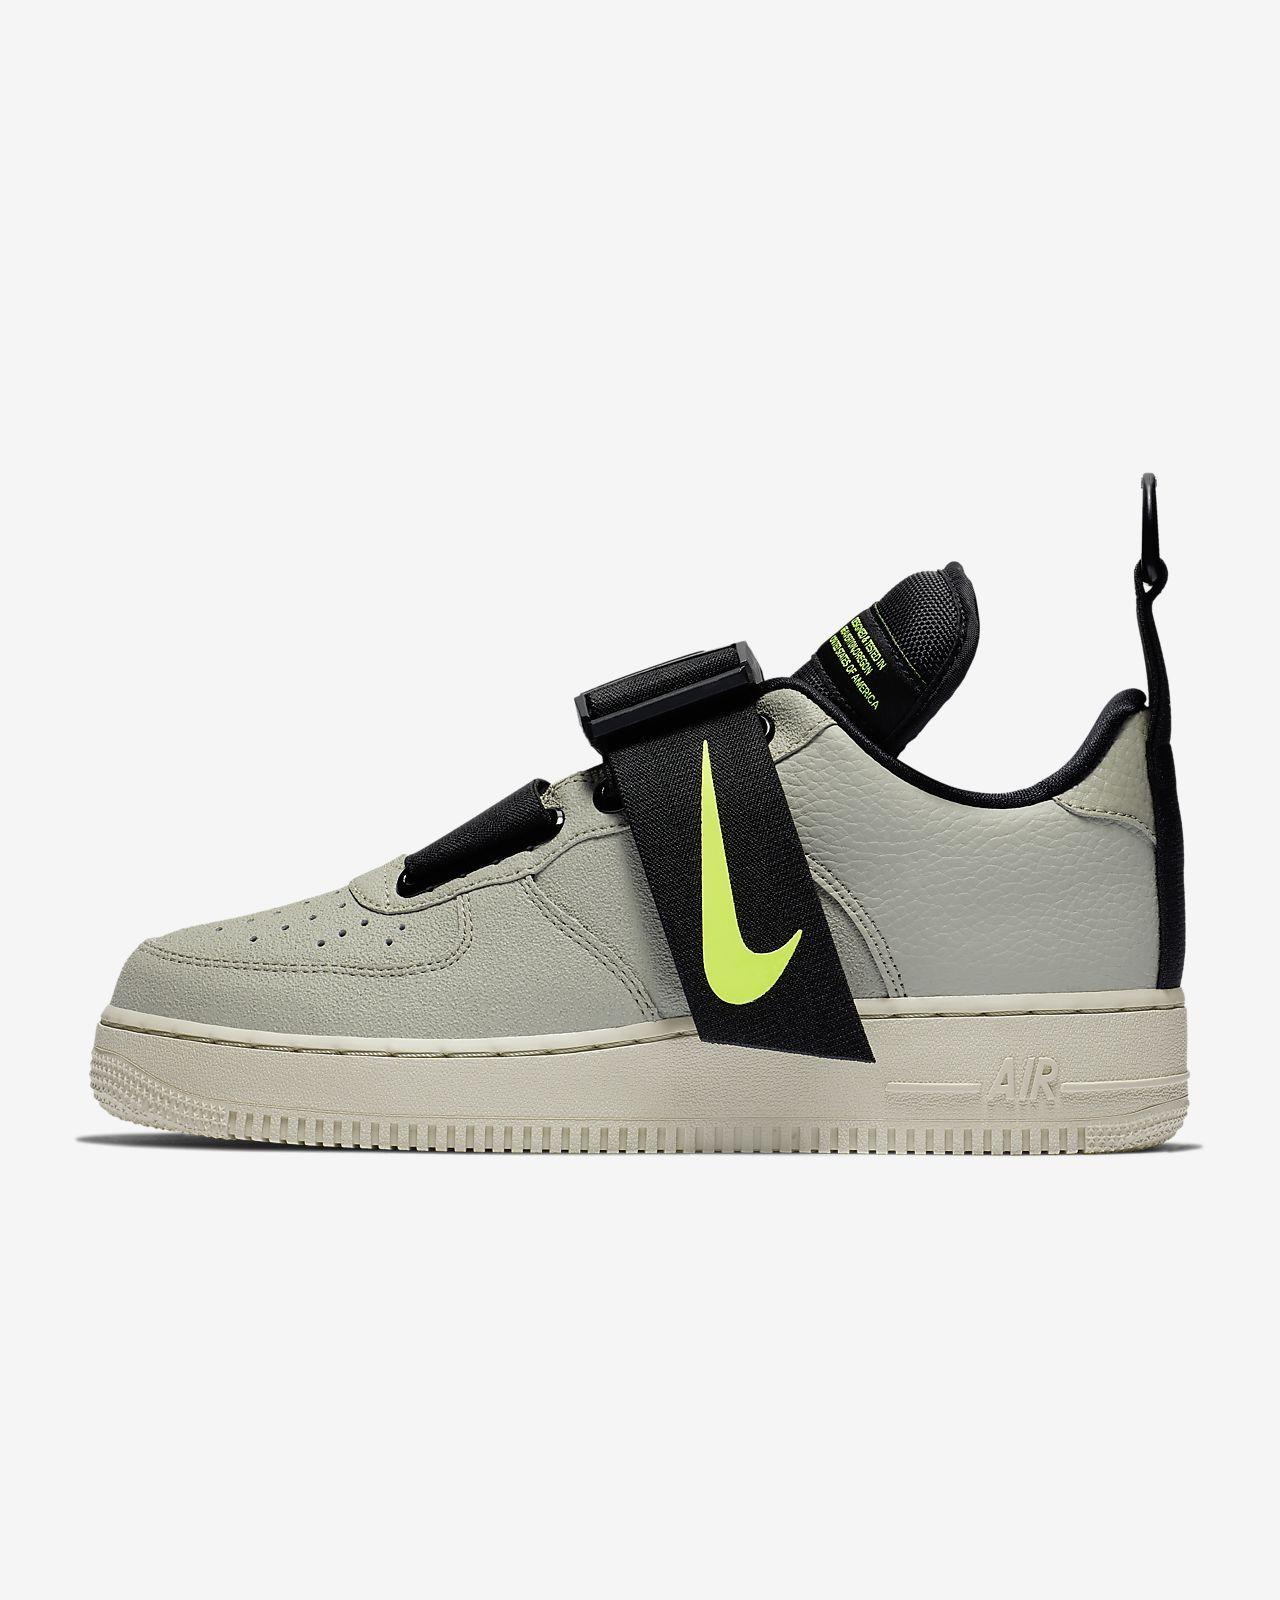 NIKE AIR FORCE 1 UTILITY Tutte Sneaker Scarpe